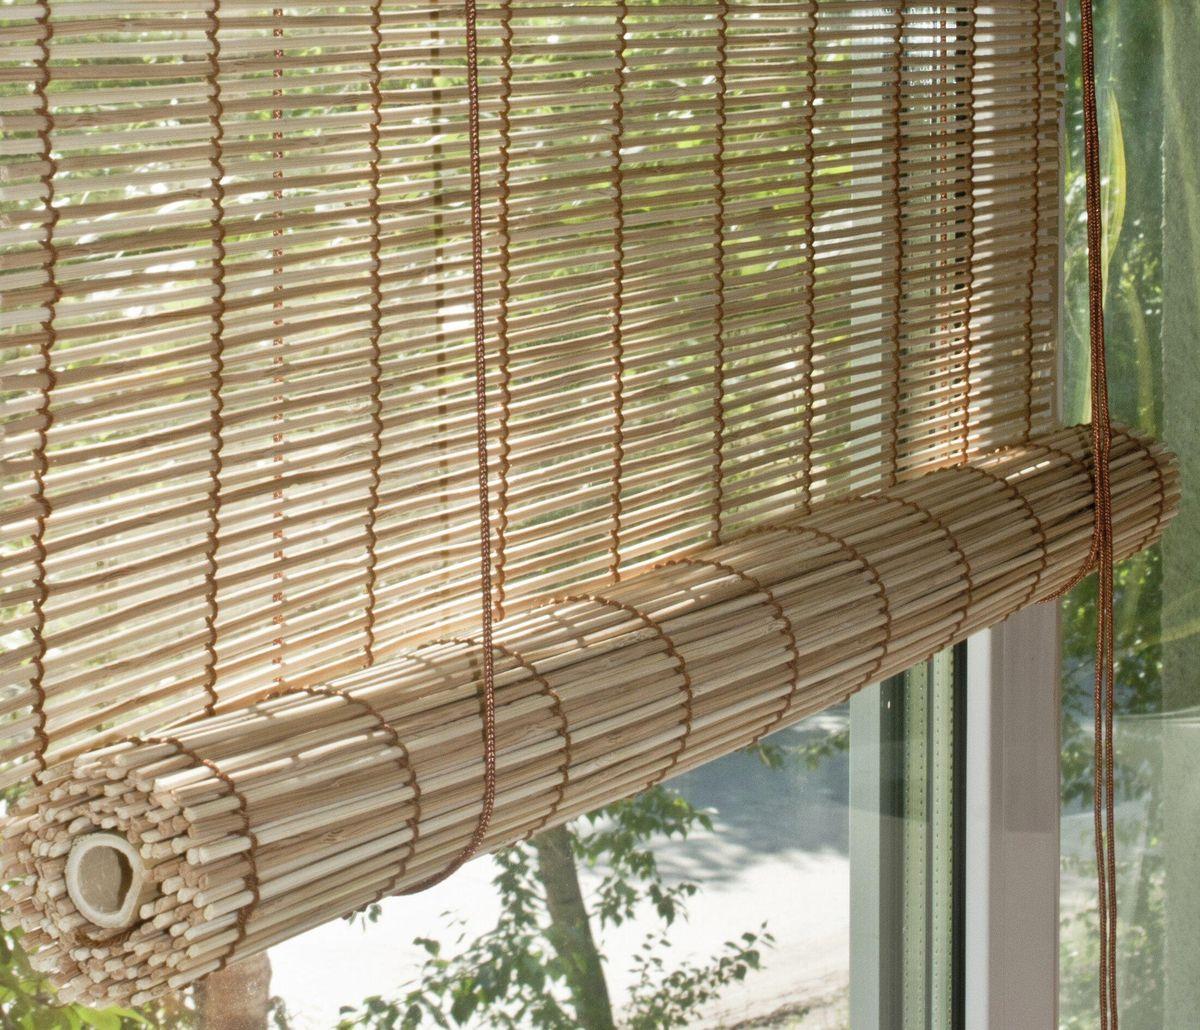 Штора рулонная Эскар Бамбук, цвет: натуральный микс, ширина 70 см, высота 160 см71909070180При оформлении интерьера современных помещений многие отдают предпочтение природным материалам. Бамбуковые рулонные шторы – одно из натуральных изделий, способное сделать атмосферу помещения более уютной и в то же время необычной. Свойства бамбука уникальны: он экологически чист, так как быстро вырастает, благодаря чему не успевает накопить вредные вещества из окружающей среды. Кроме того, растение обладает противомикробным и антибактериальным действием. Занавеси из бамбука безопасно использовать в помещениях, где находятся новорожденные дети и люди, склонные к аллергии. Они незаменимы для тех, кто заботится о своем здоровье и уделяет внимание высокому уровню жизни.